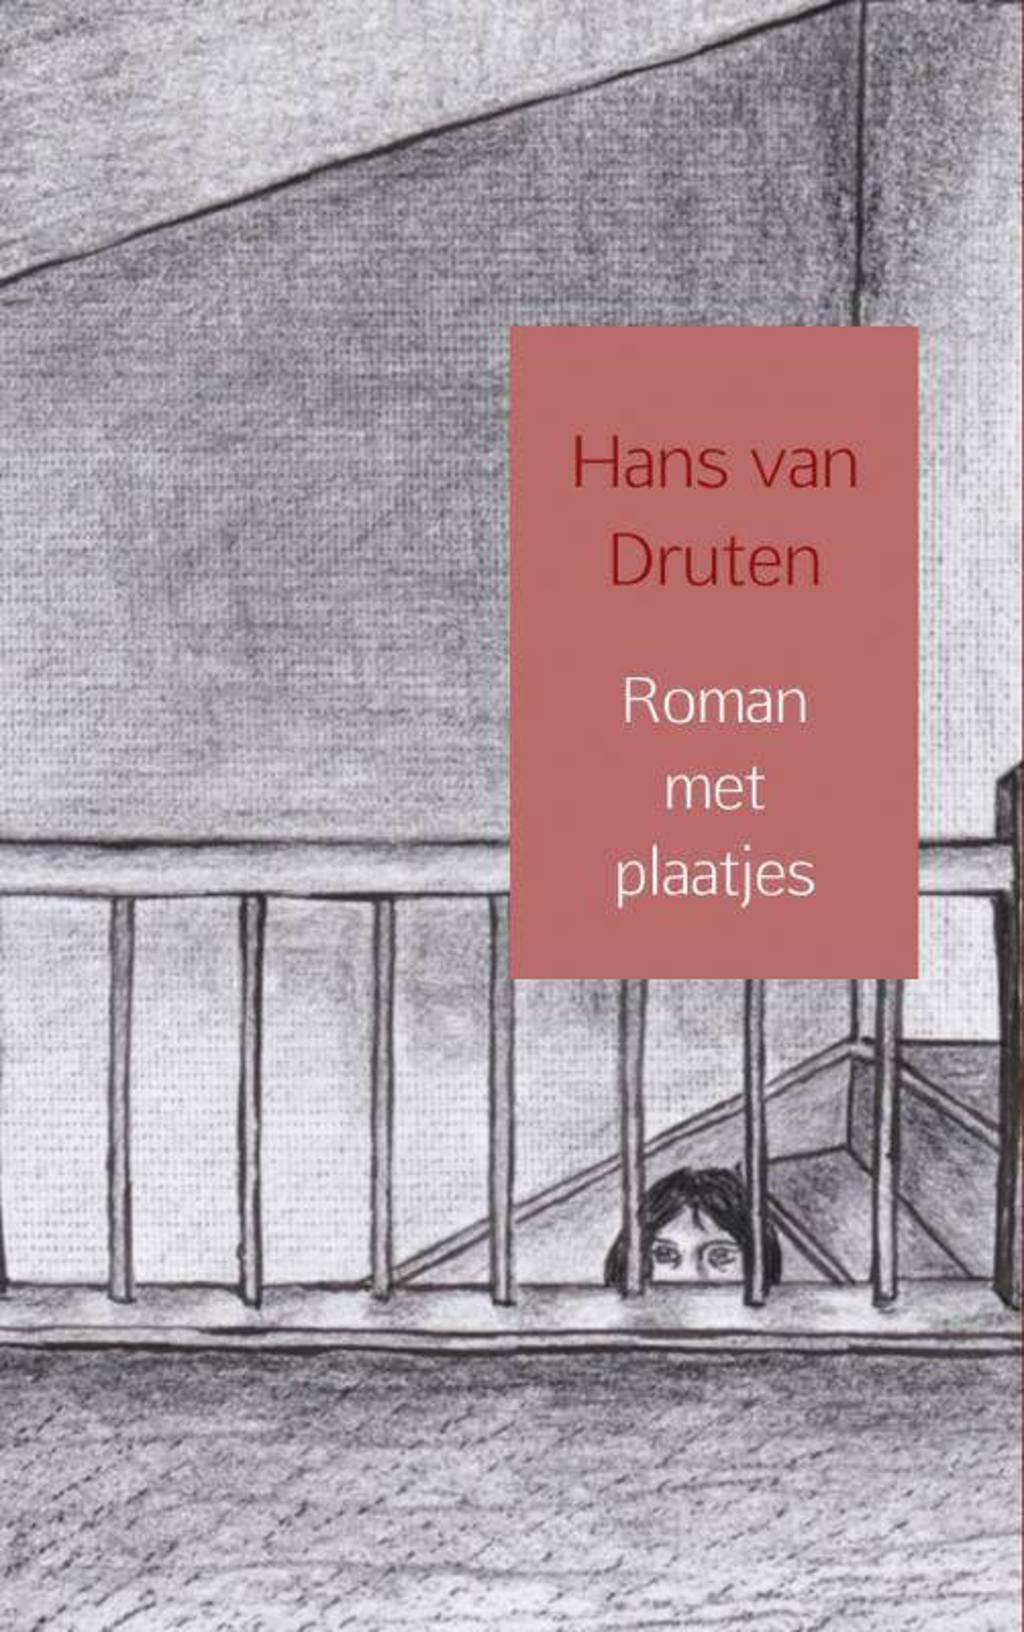 Roman met plaatjes - Hans van Druten